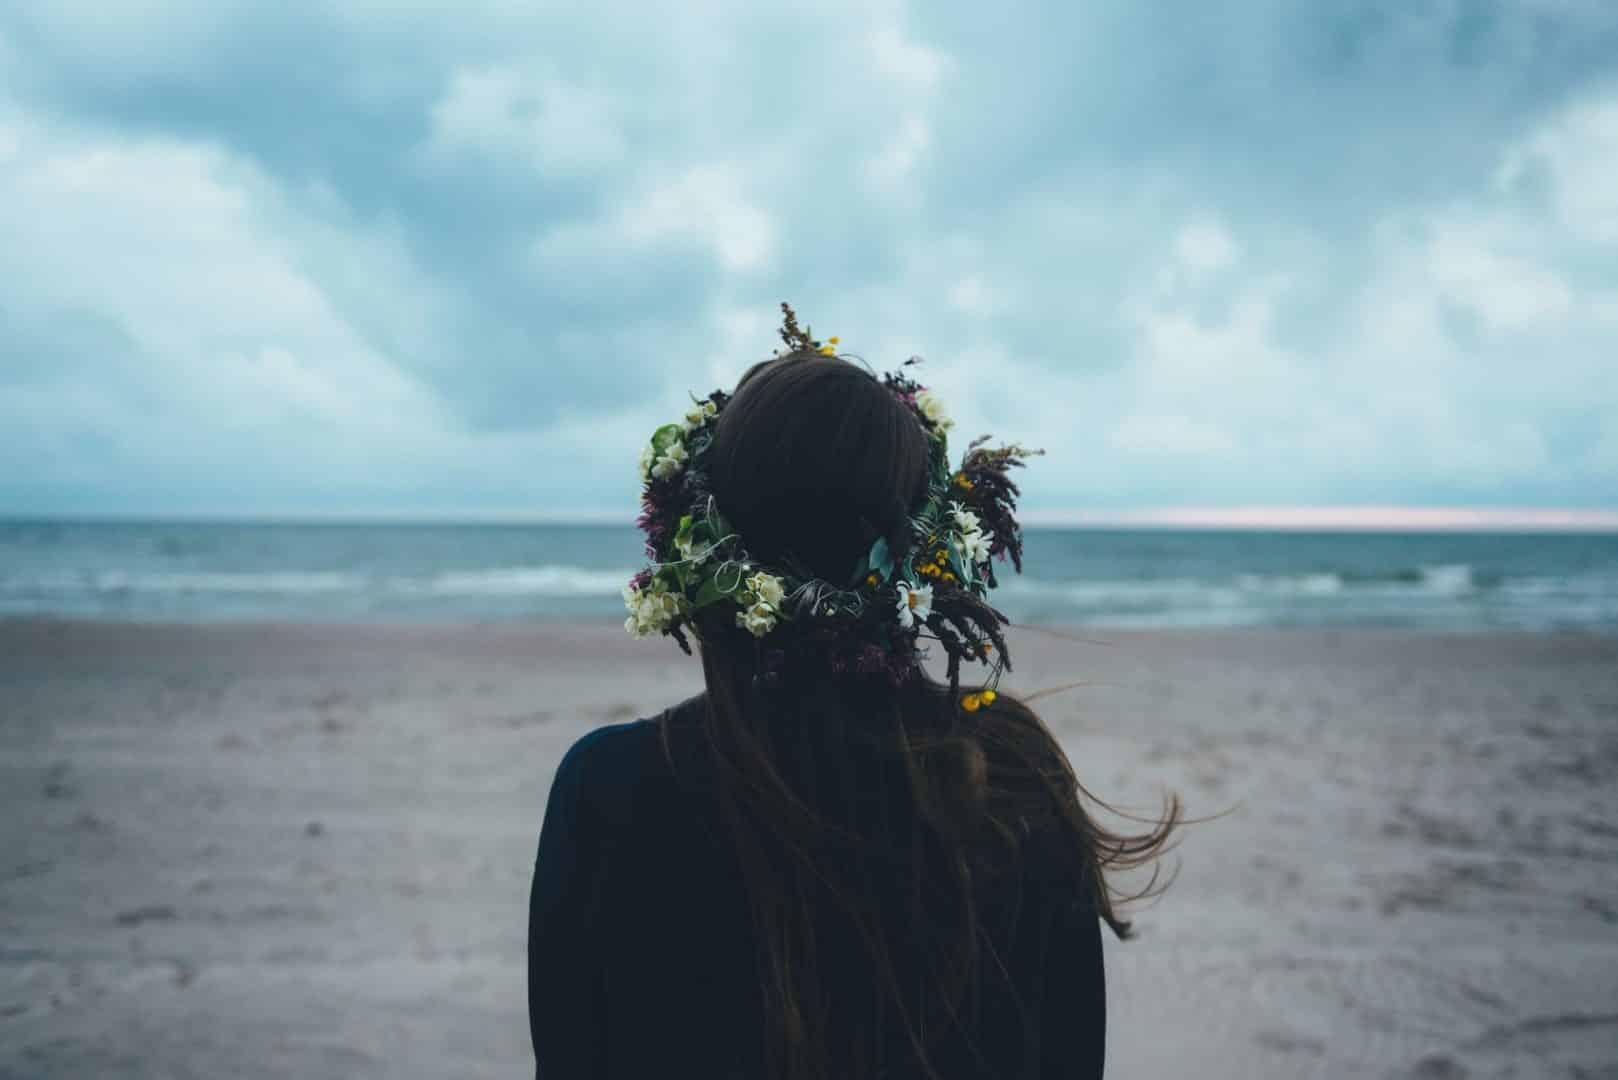 Acalmar o coração - Lidando com a angústia e formas de aliviar o coração